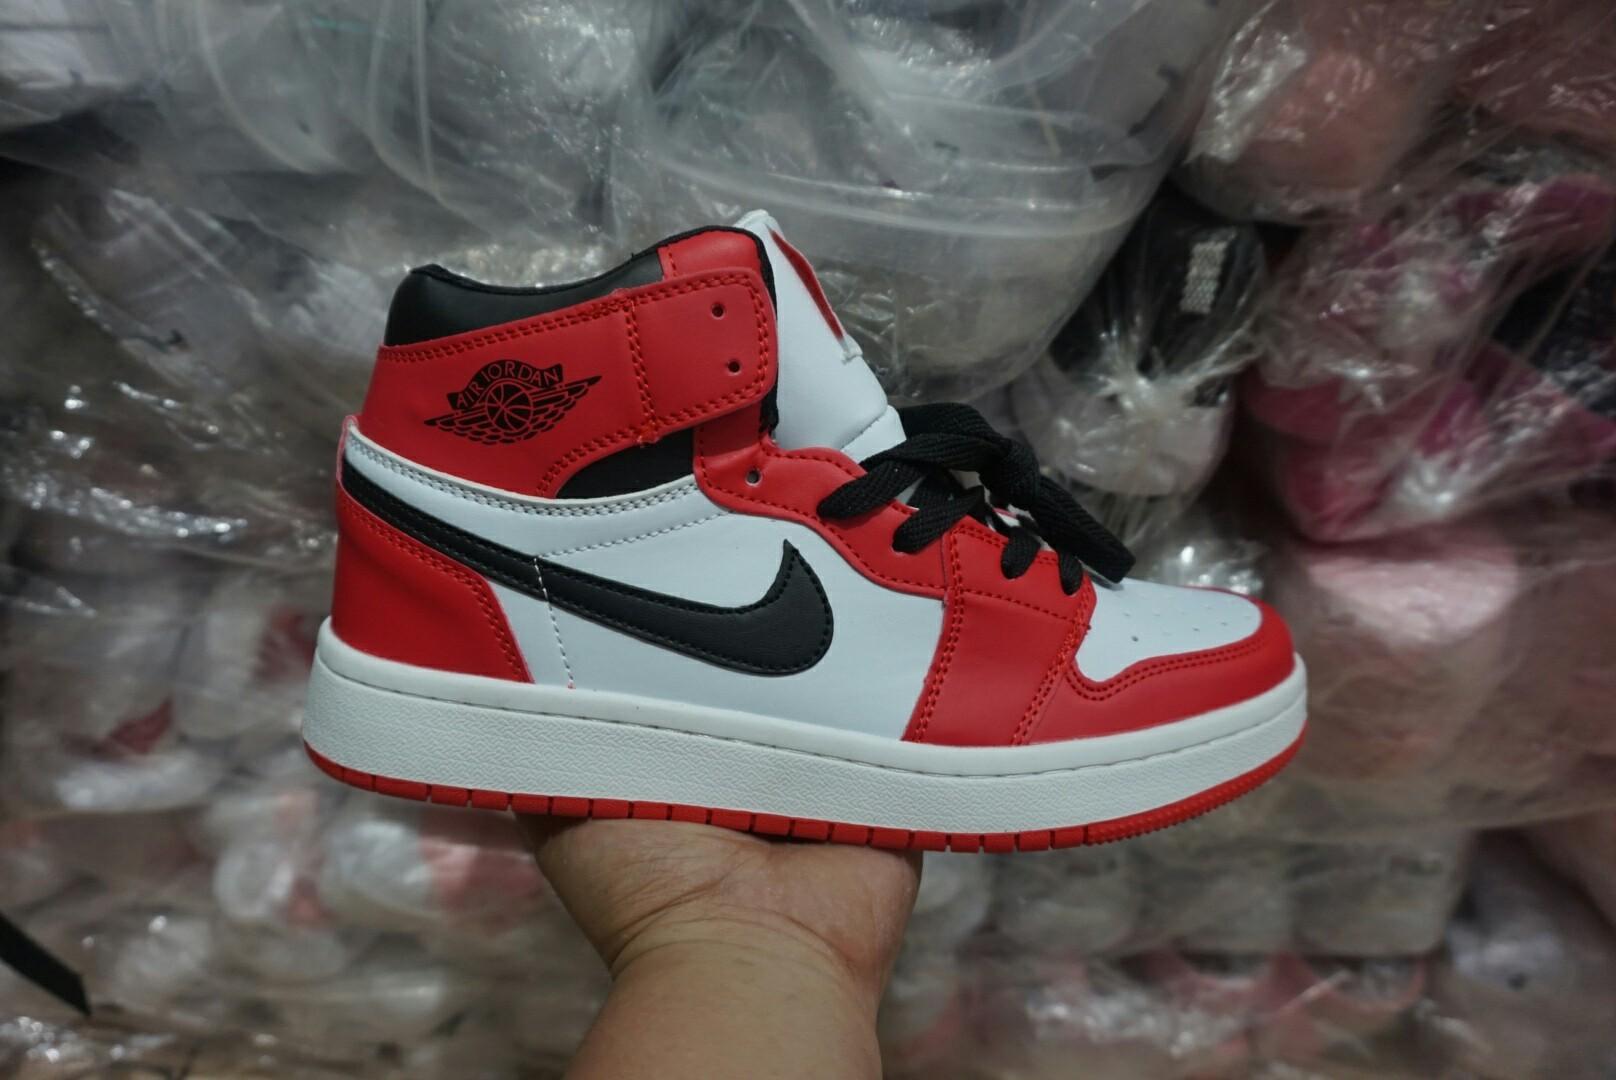 d976541801b1e Jual Sepatu Basket Pria Air Jordan 12 Wings Ds And Exposed Paint Removal  Sneakers Olahraga 1